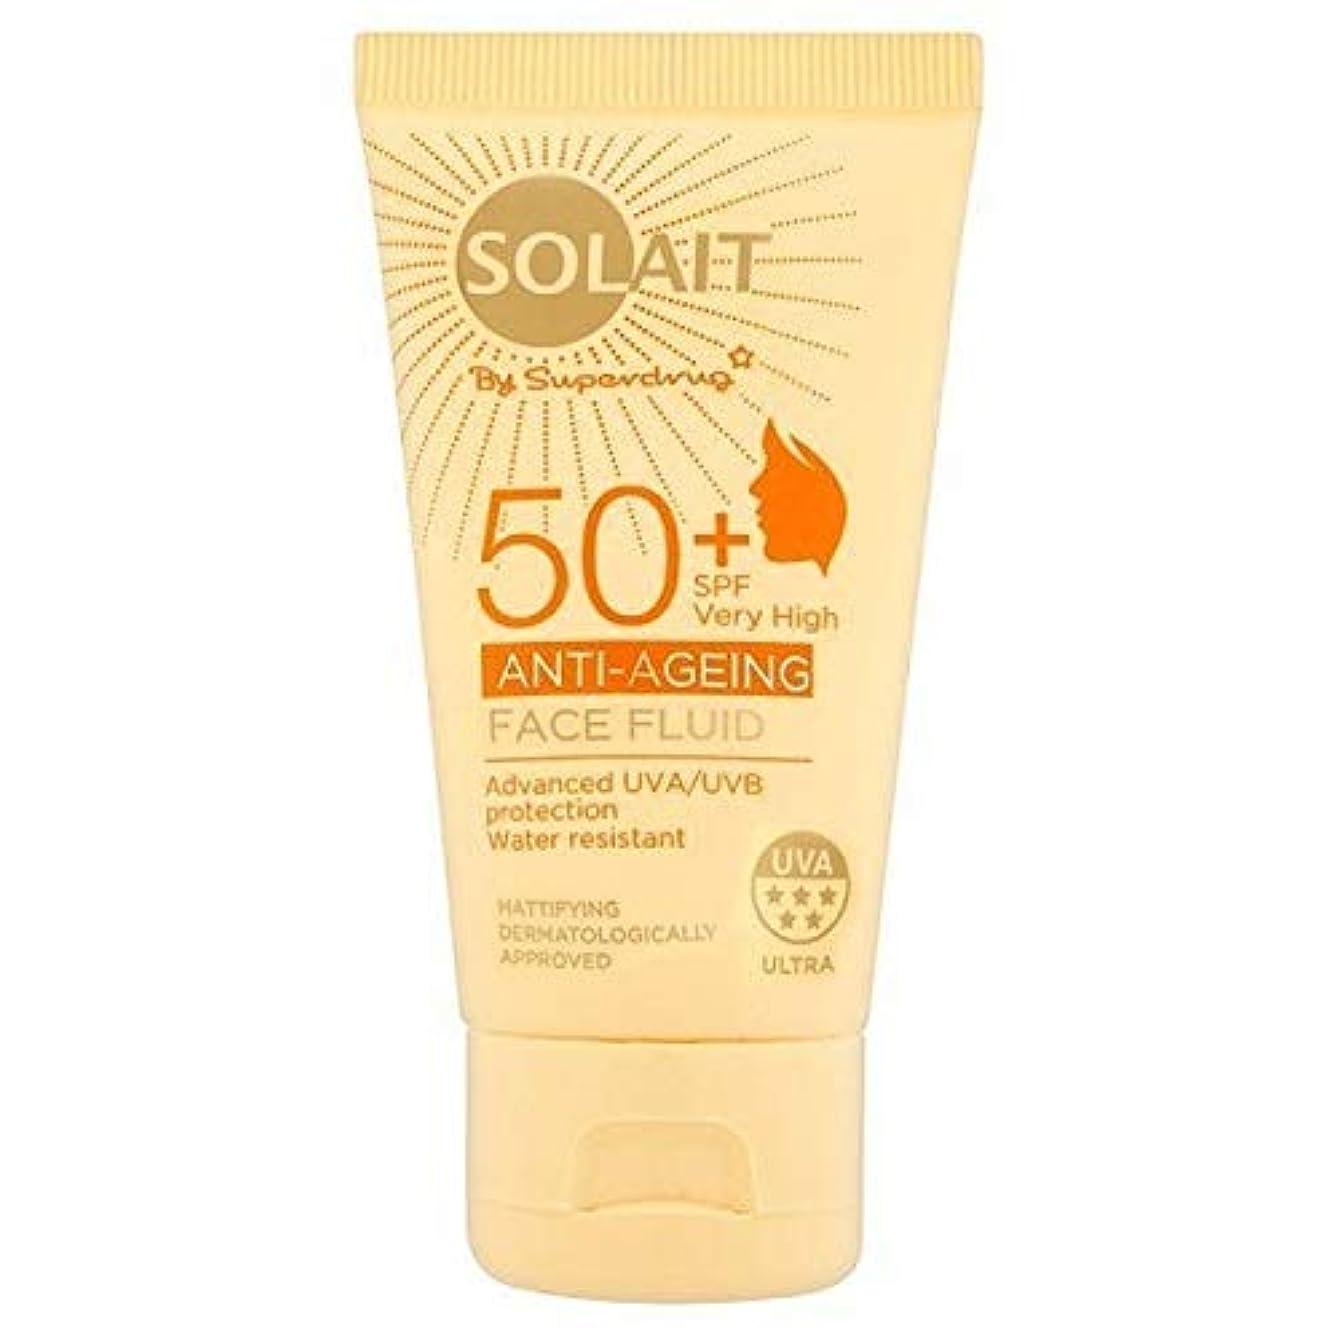 ベアリング調子自分を引き上げる[Solait] Solait顔日クリームSpf50液の50ミリリットル - Solait Face Sun Cream Fluid SPF50 50ml [並行輸入品]